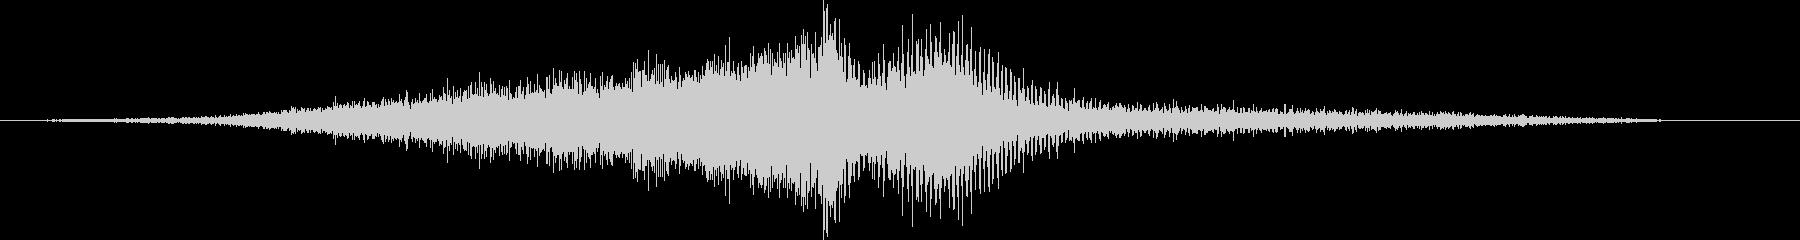 Model-t、By;低いチャグと...の未再生の波形